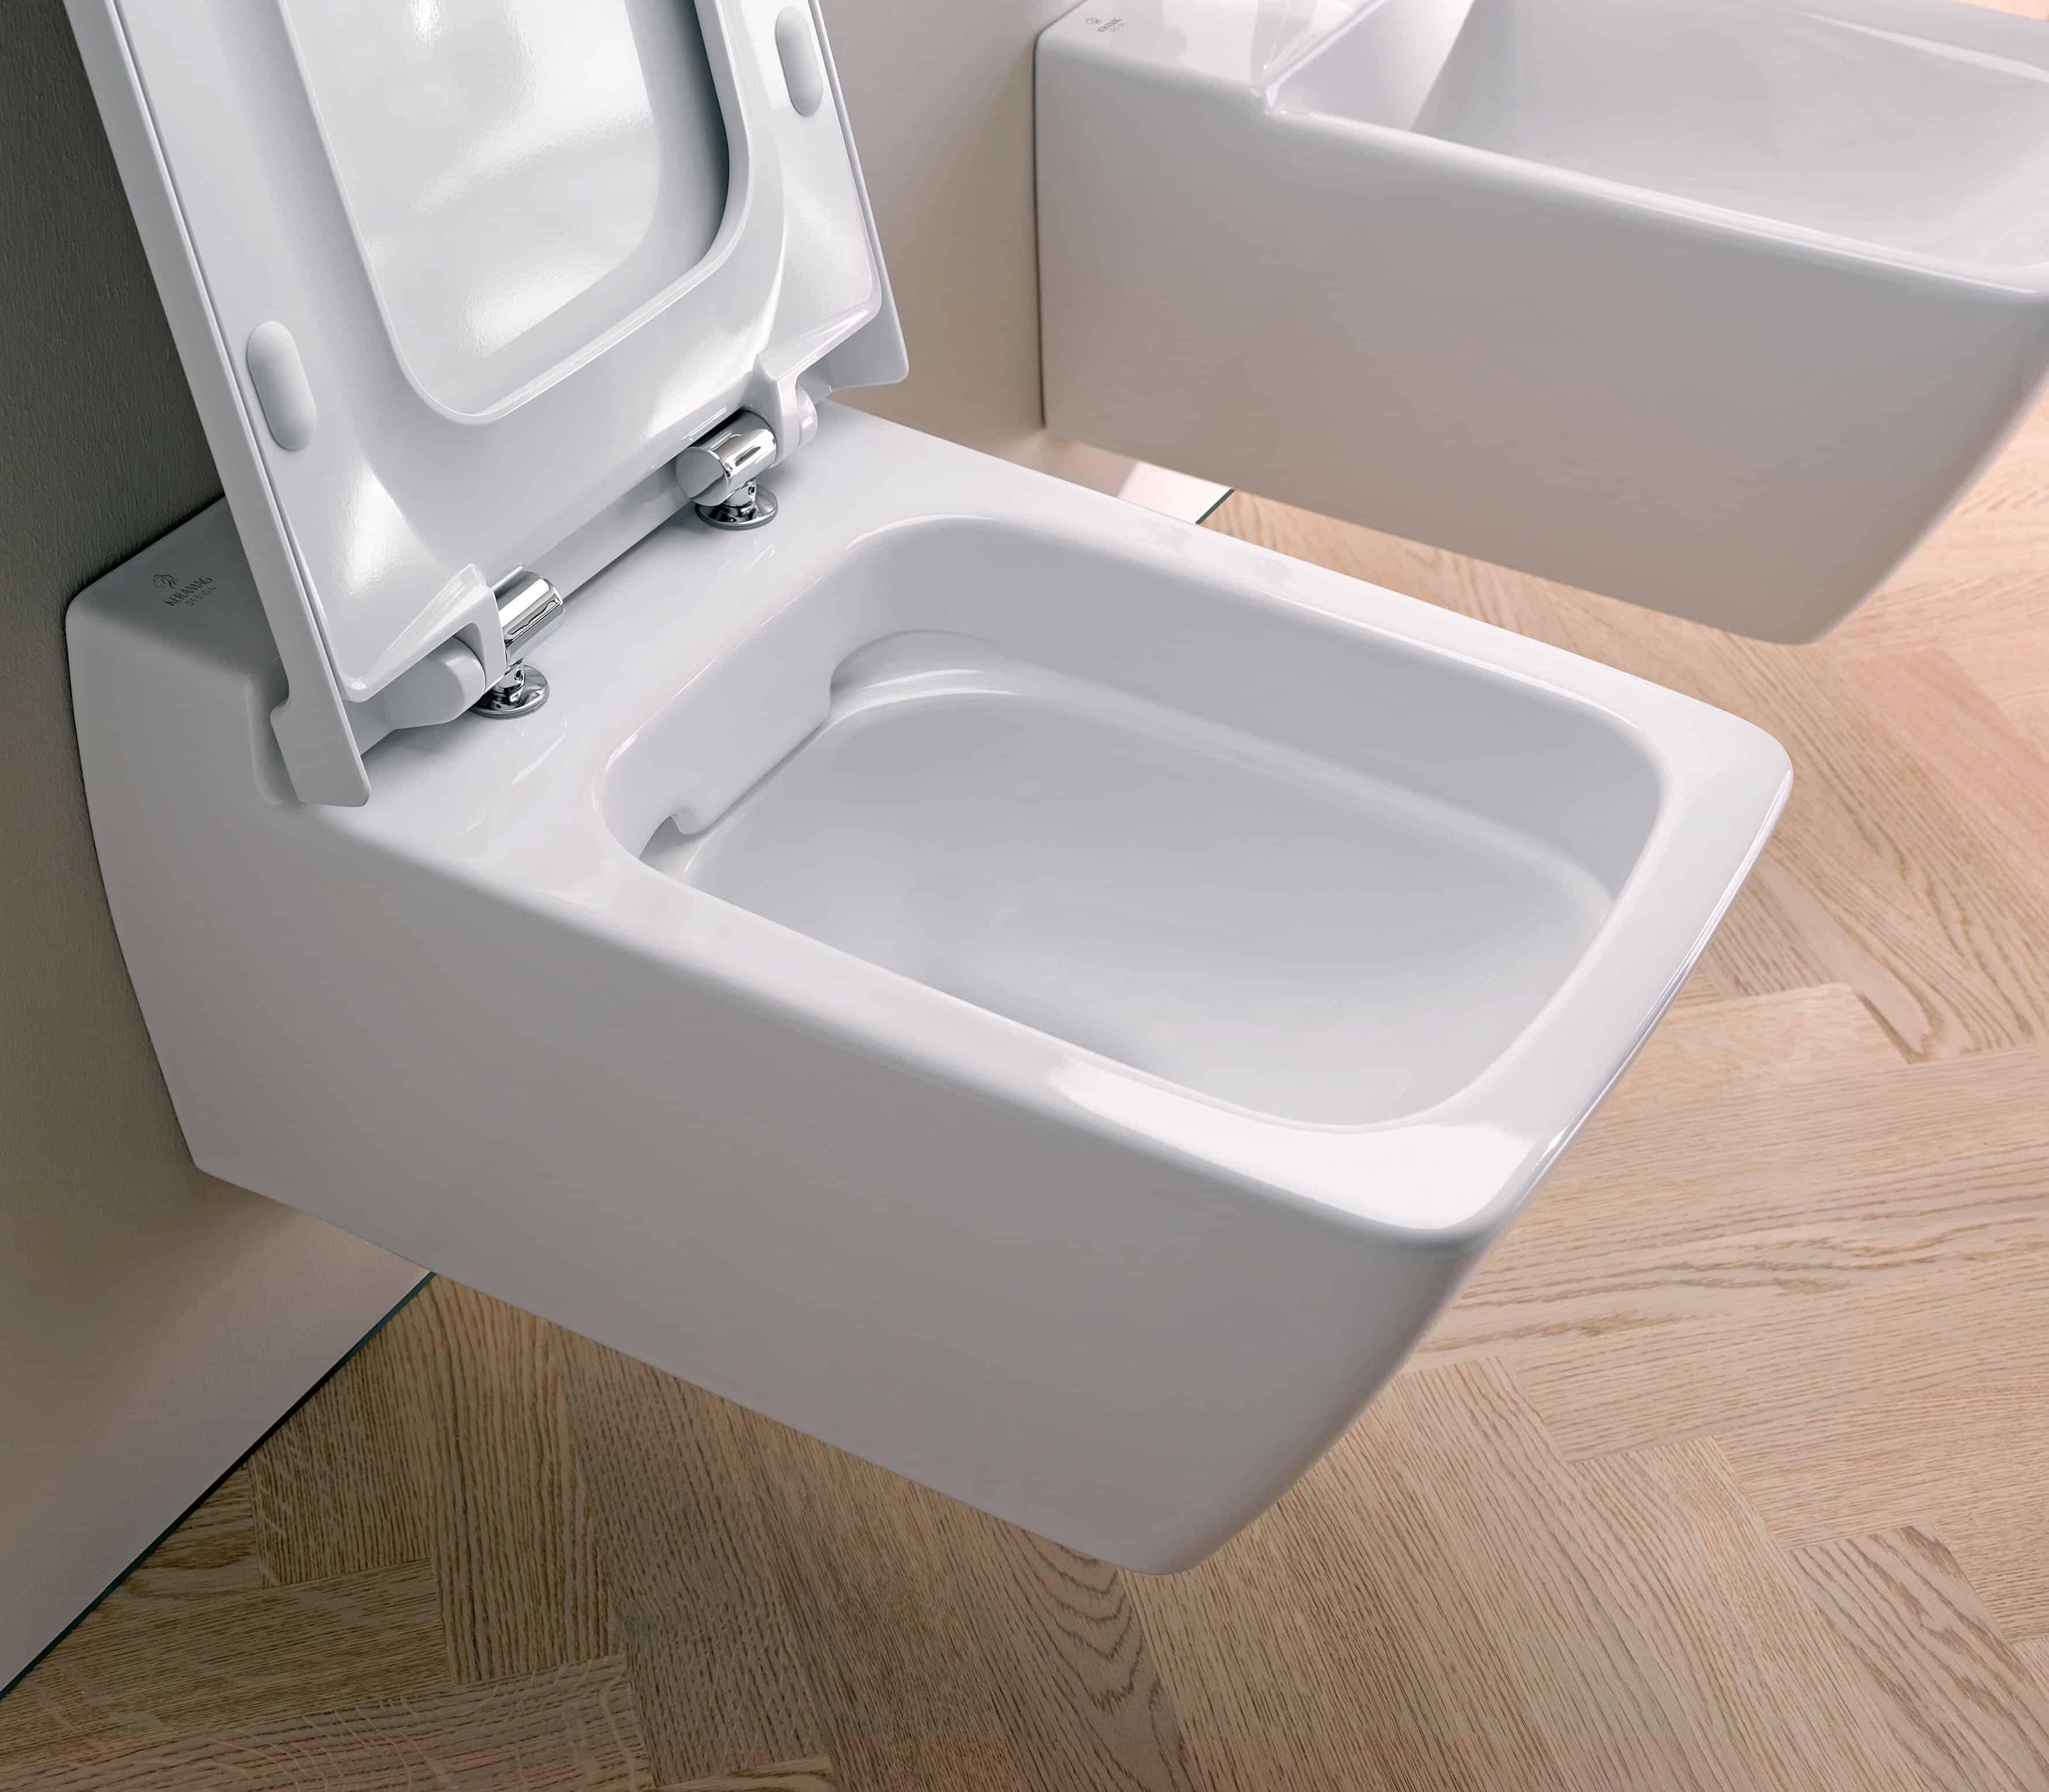 es geht auch randlos jetzt auf immobilien und hausbau. Black Bedroom Furniture Sets. Home Design Ideas